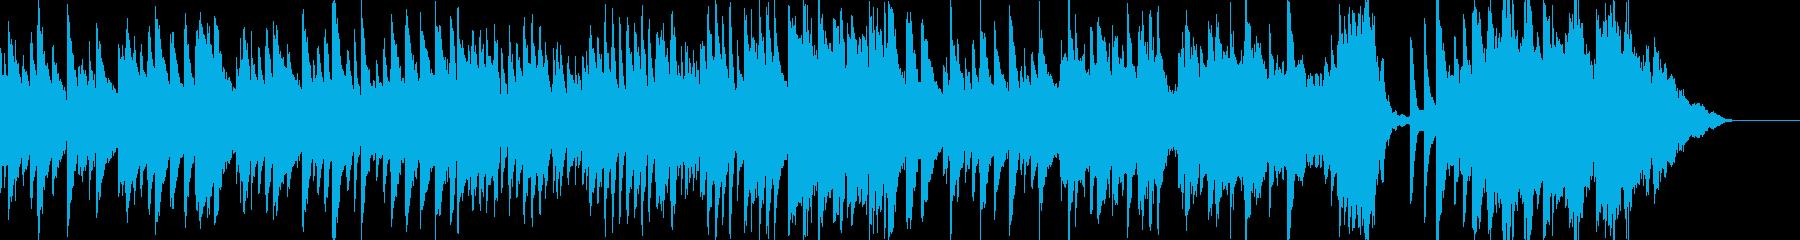 子どもの誕生日を祝ったピアノ曲1の再生済みの波形